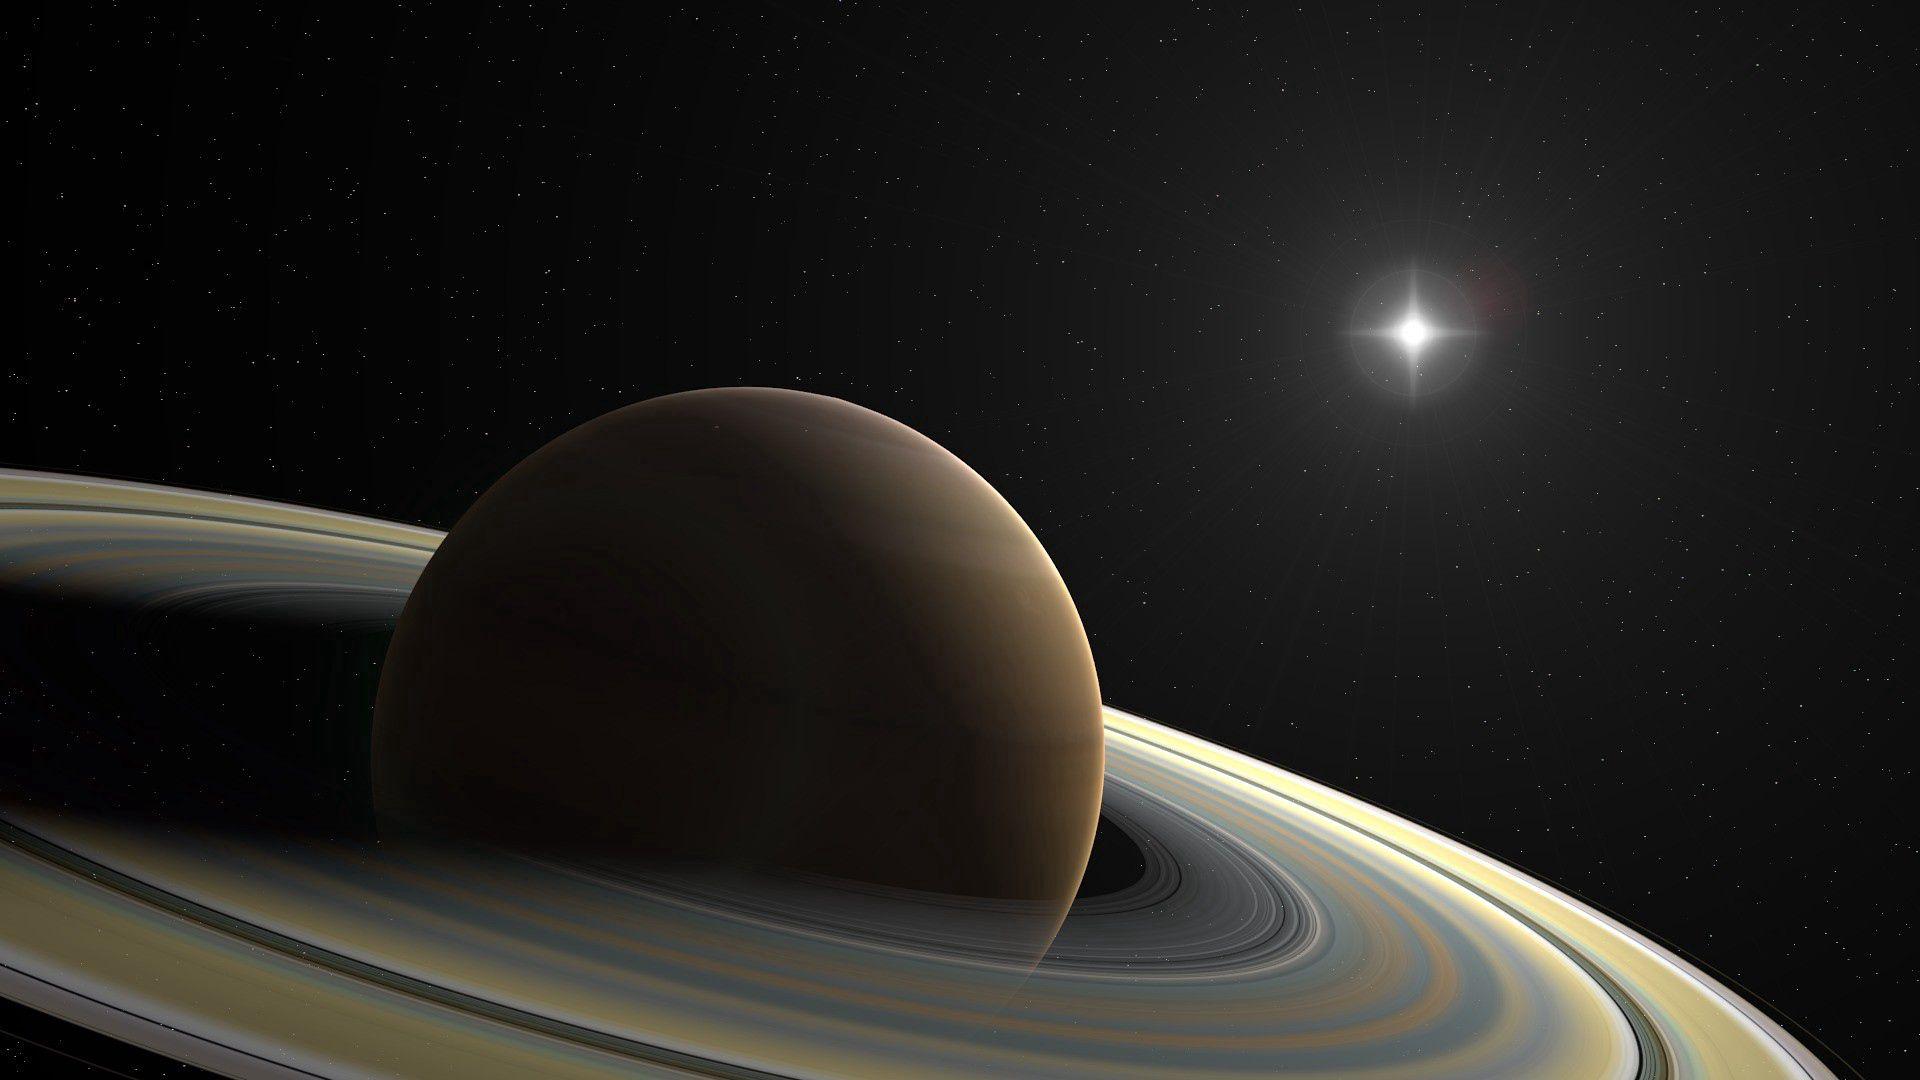 124472壁紙のダウンロード土星, 惑星, リング, 指輪, スター, 宇宙-スクリーンセーバーと写真を無料で